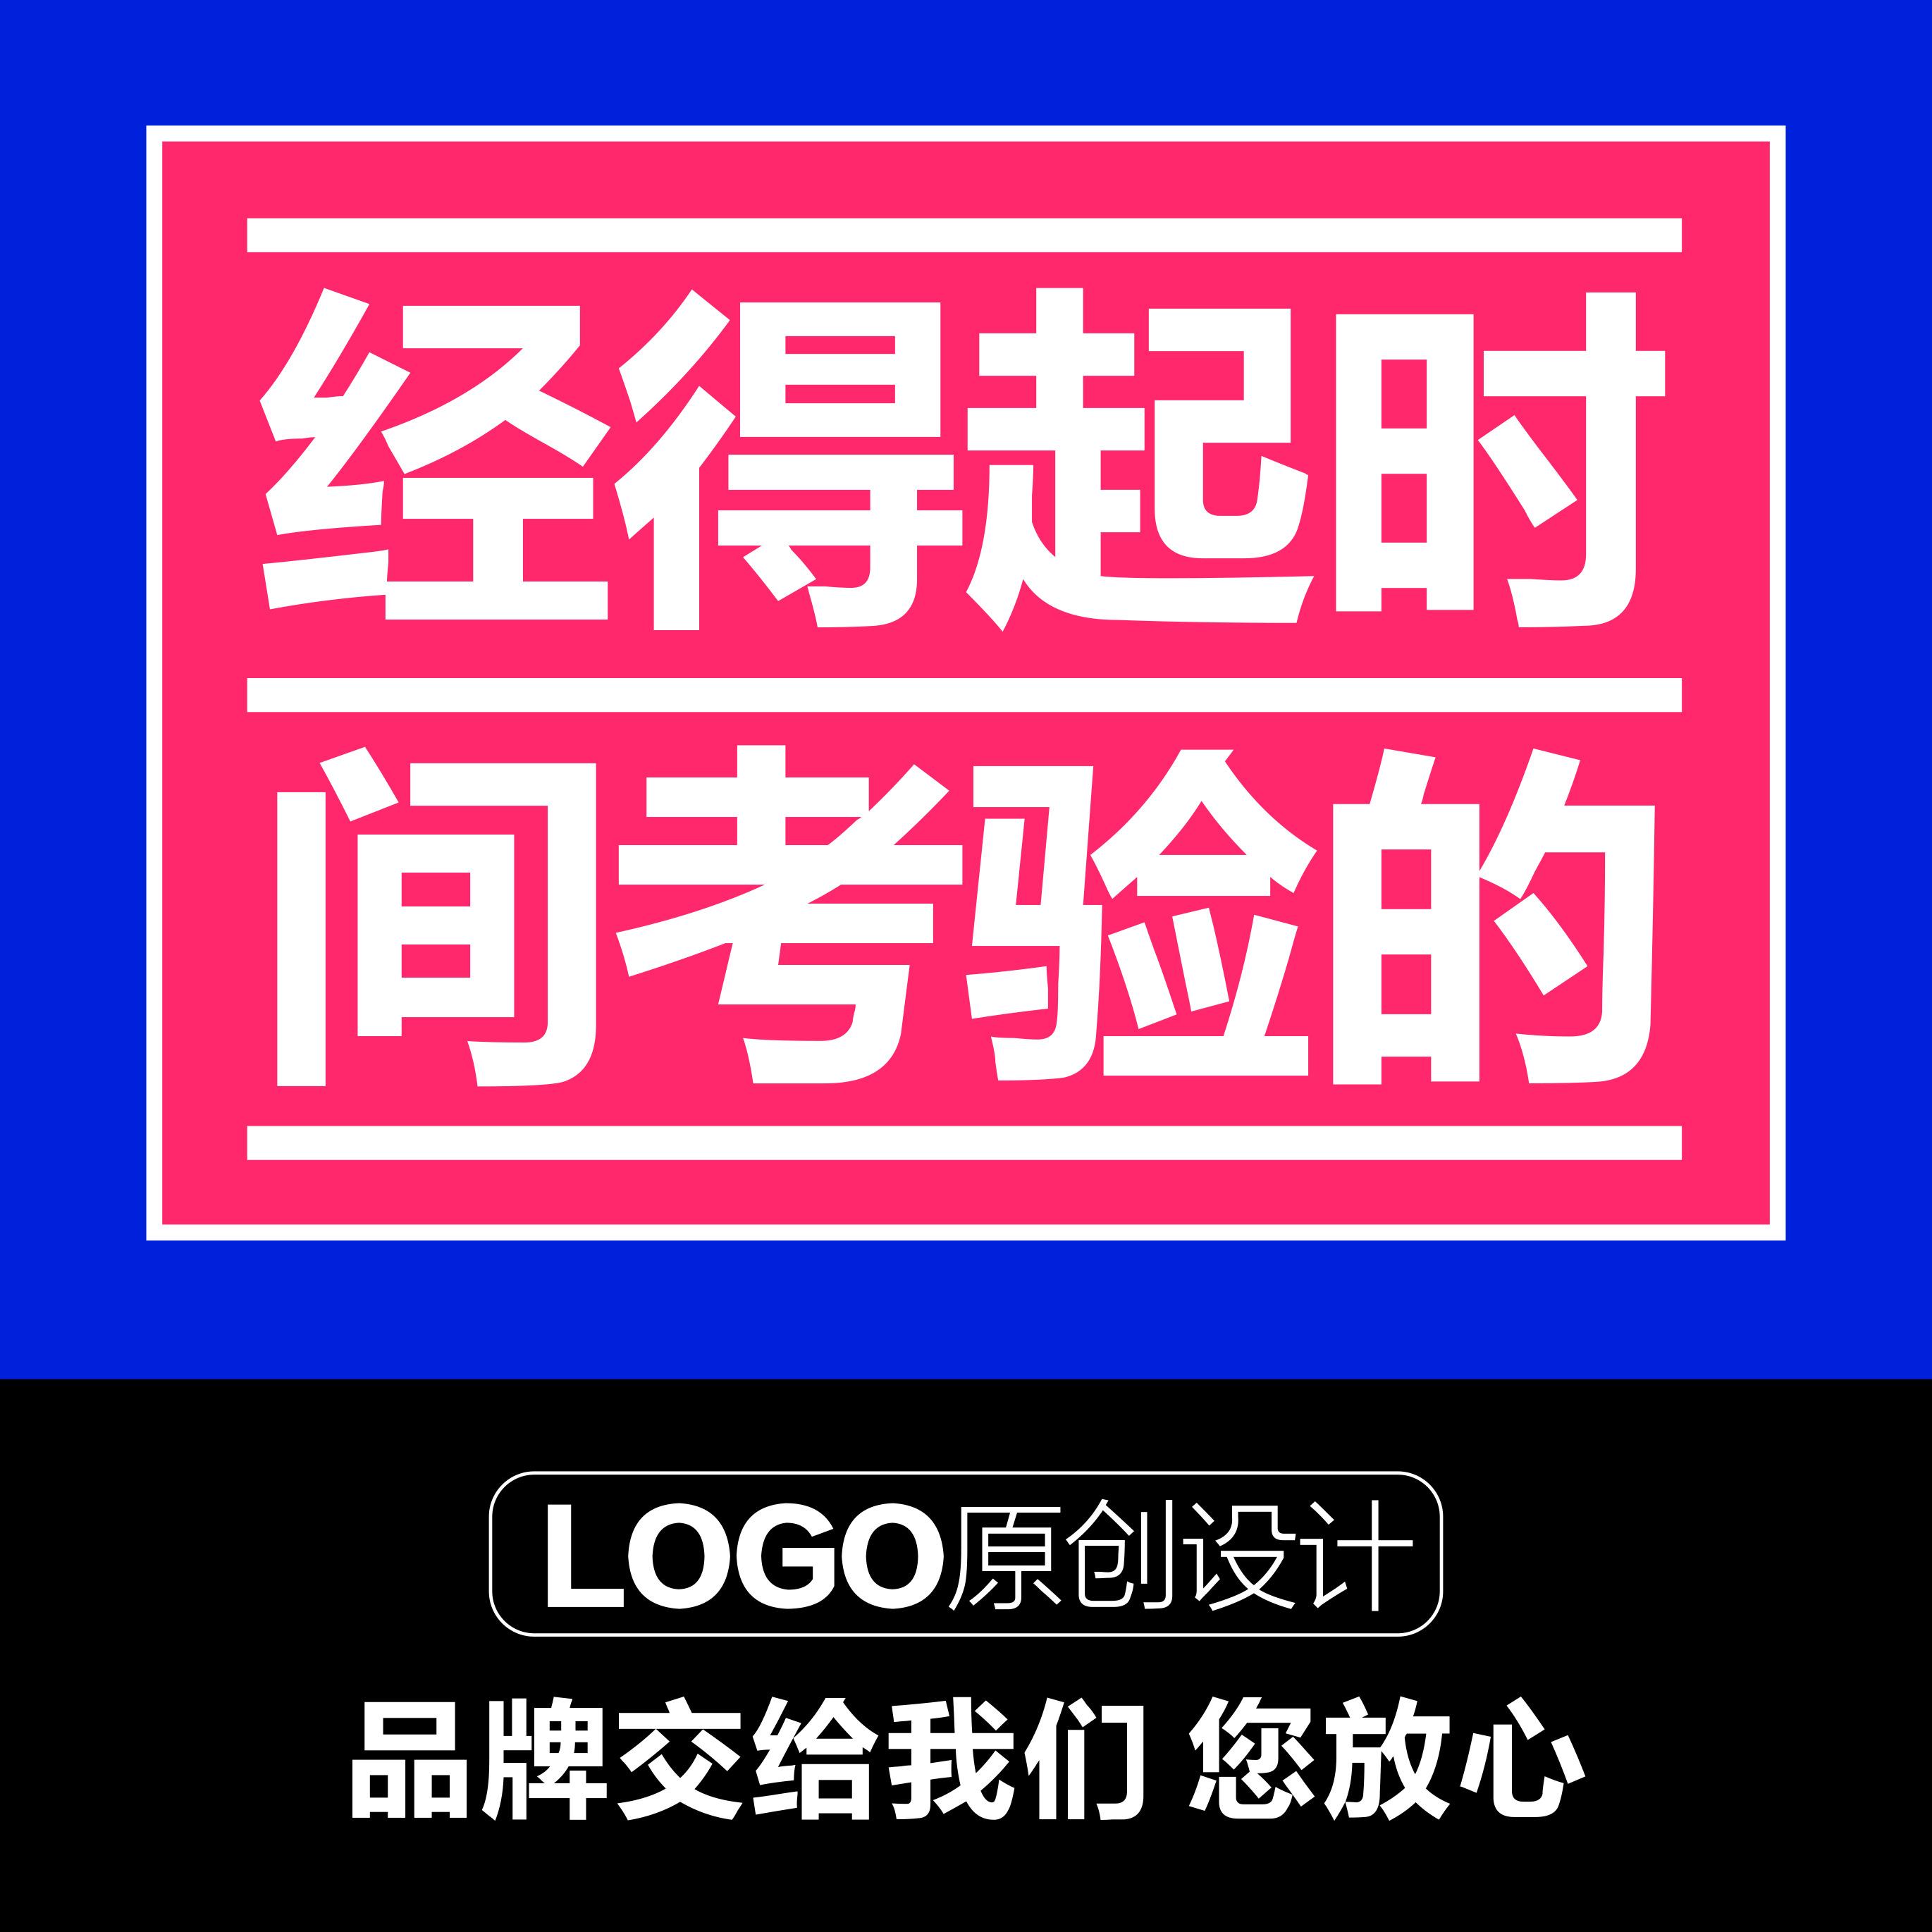 【4A公司创意总监设计】高端logo原创logo商标注册设计